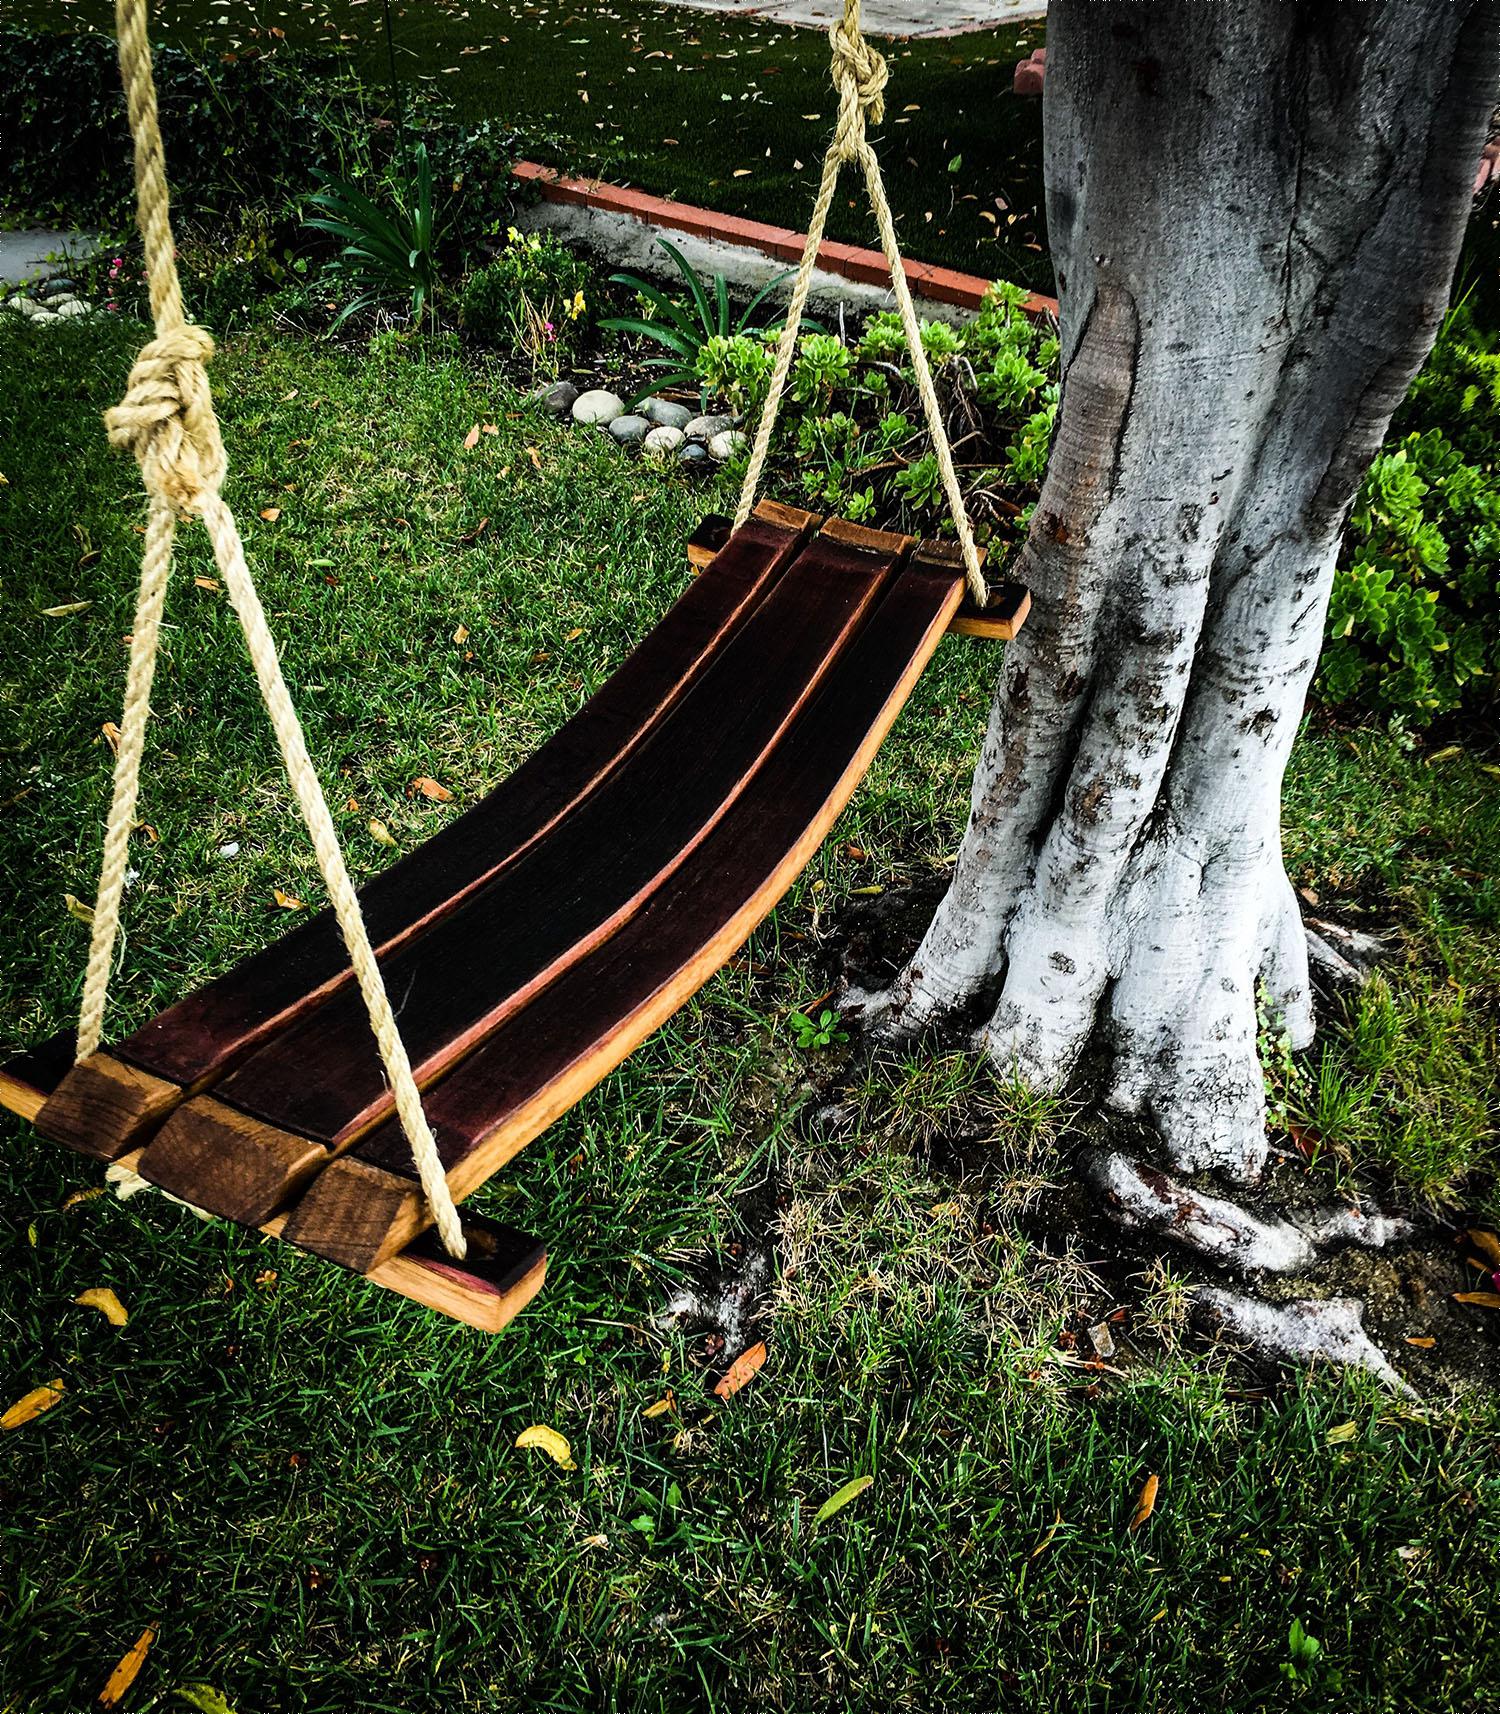 xích đu làm bằng các thanh gỗ của thùng rượu gỗ sồi